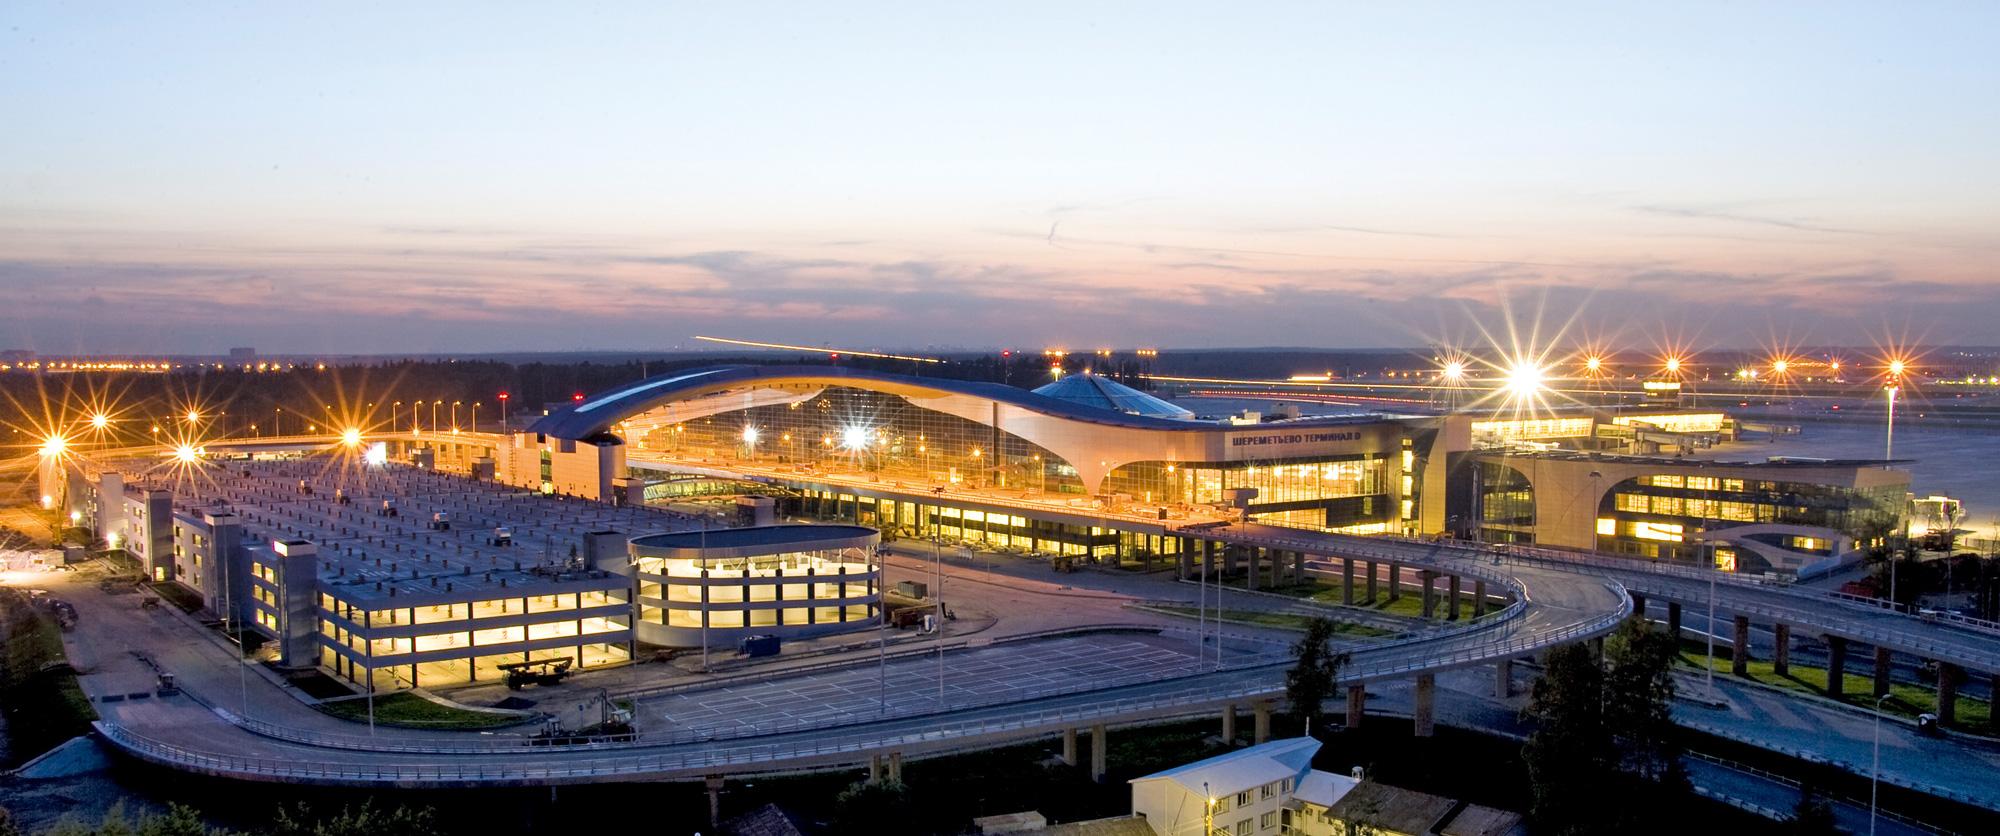 Шереметьево терминал D парковка